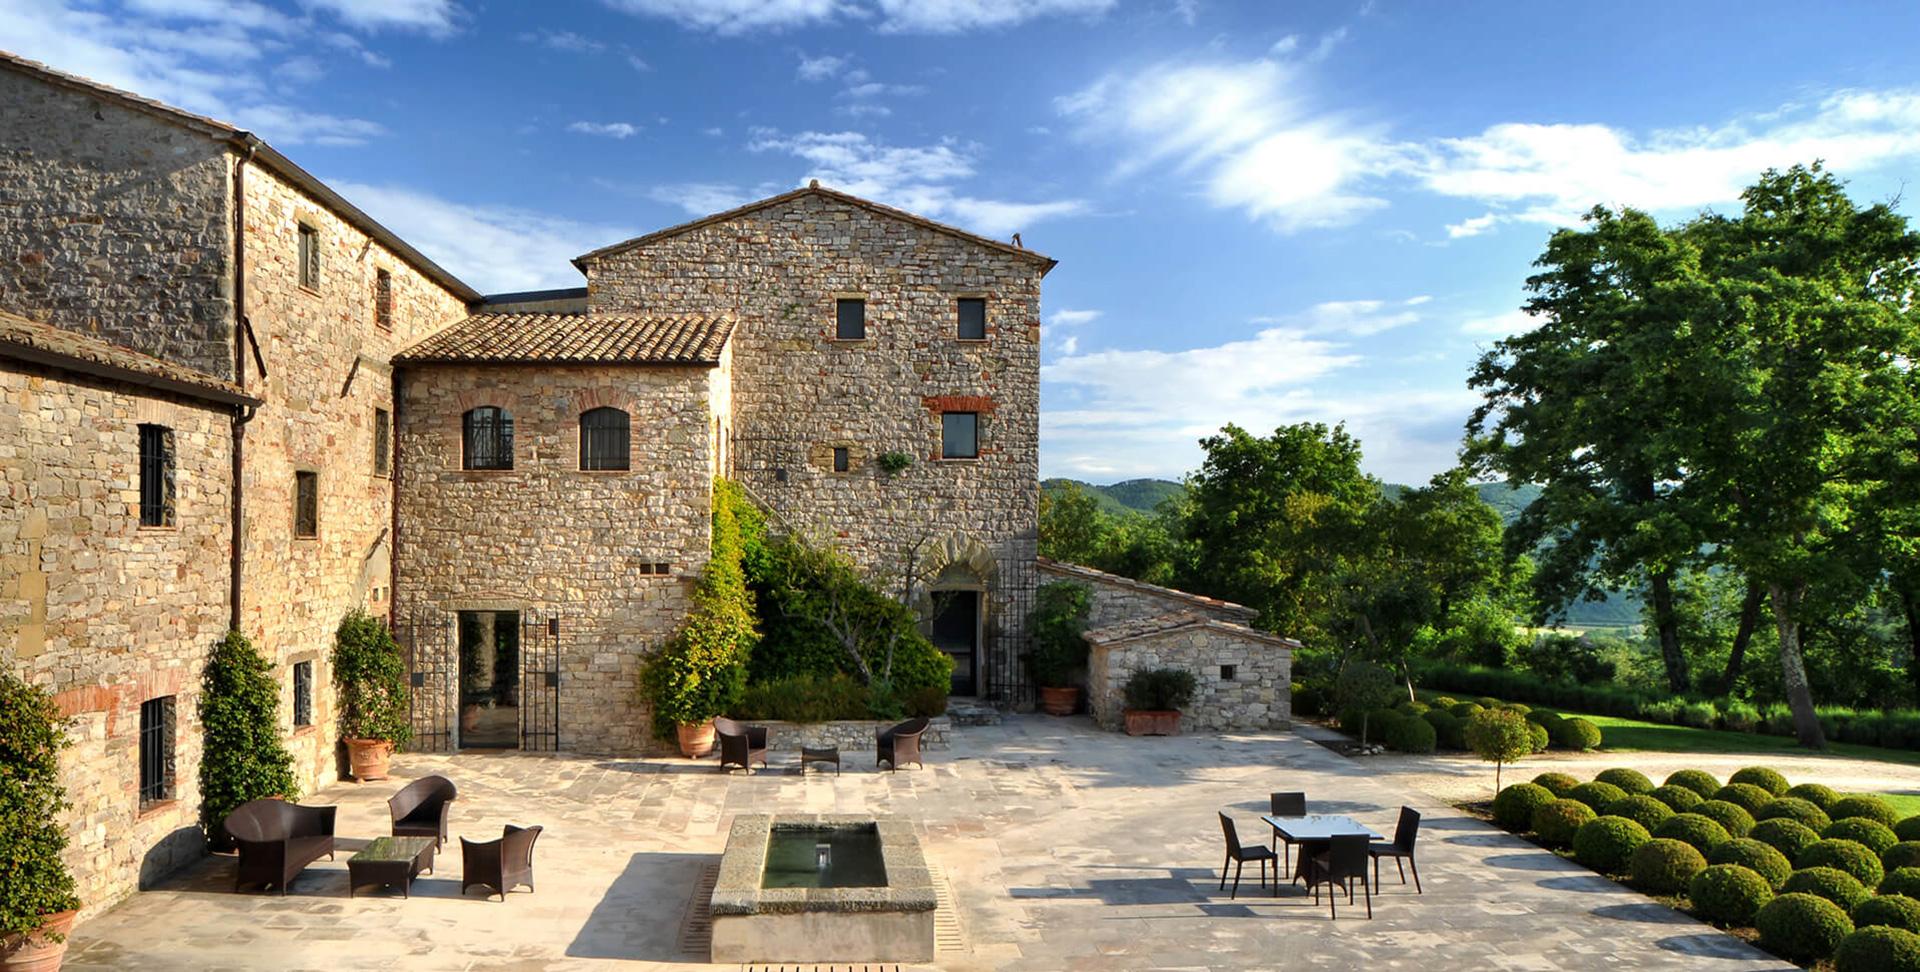 Castello di Reschio: отель в итальянском замке